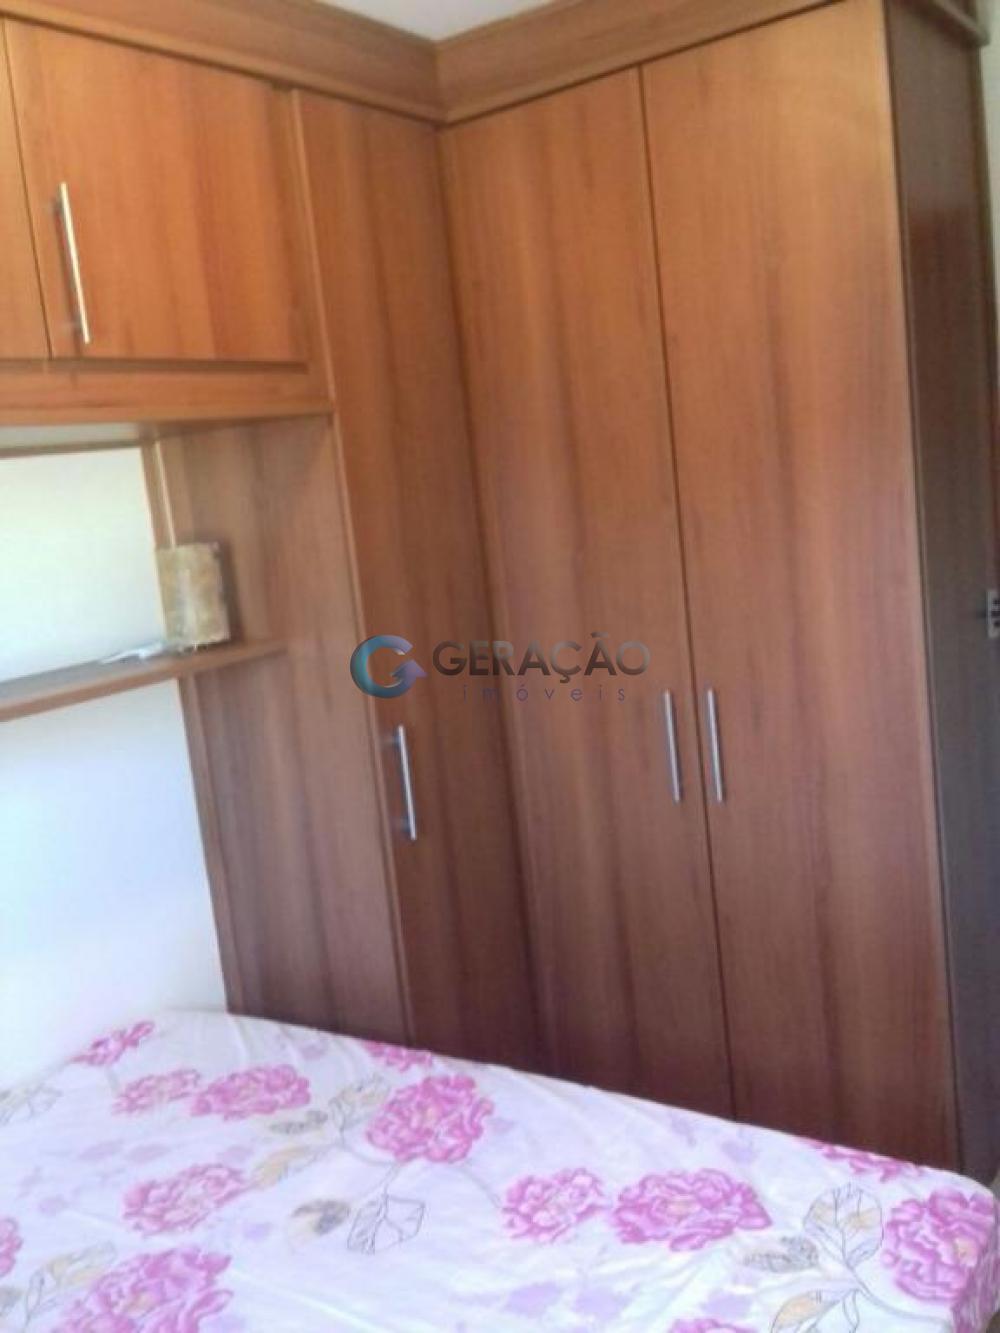 Alugar Apartamento / Padrão em São José dos Campos R$ 1.600,00 - Foto 10